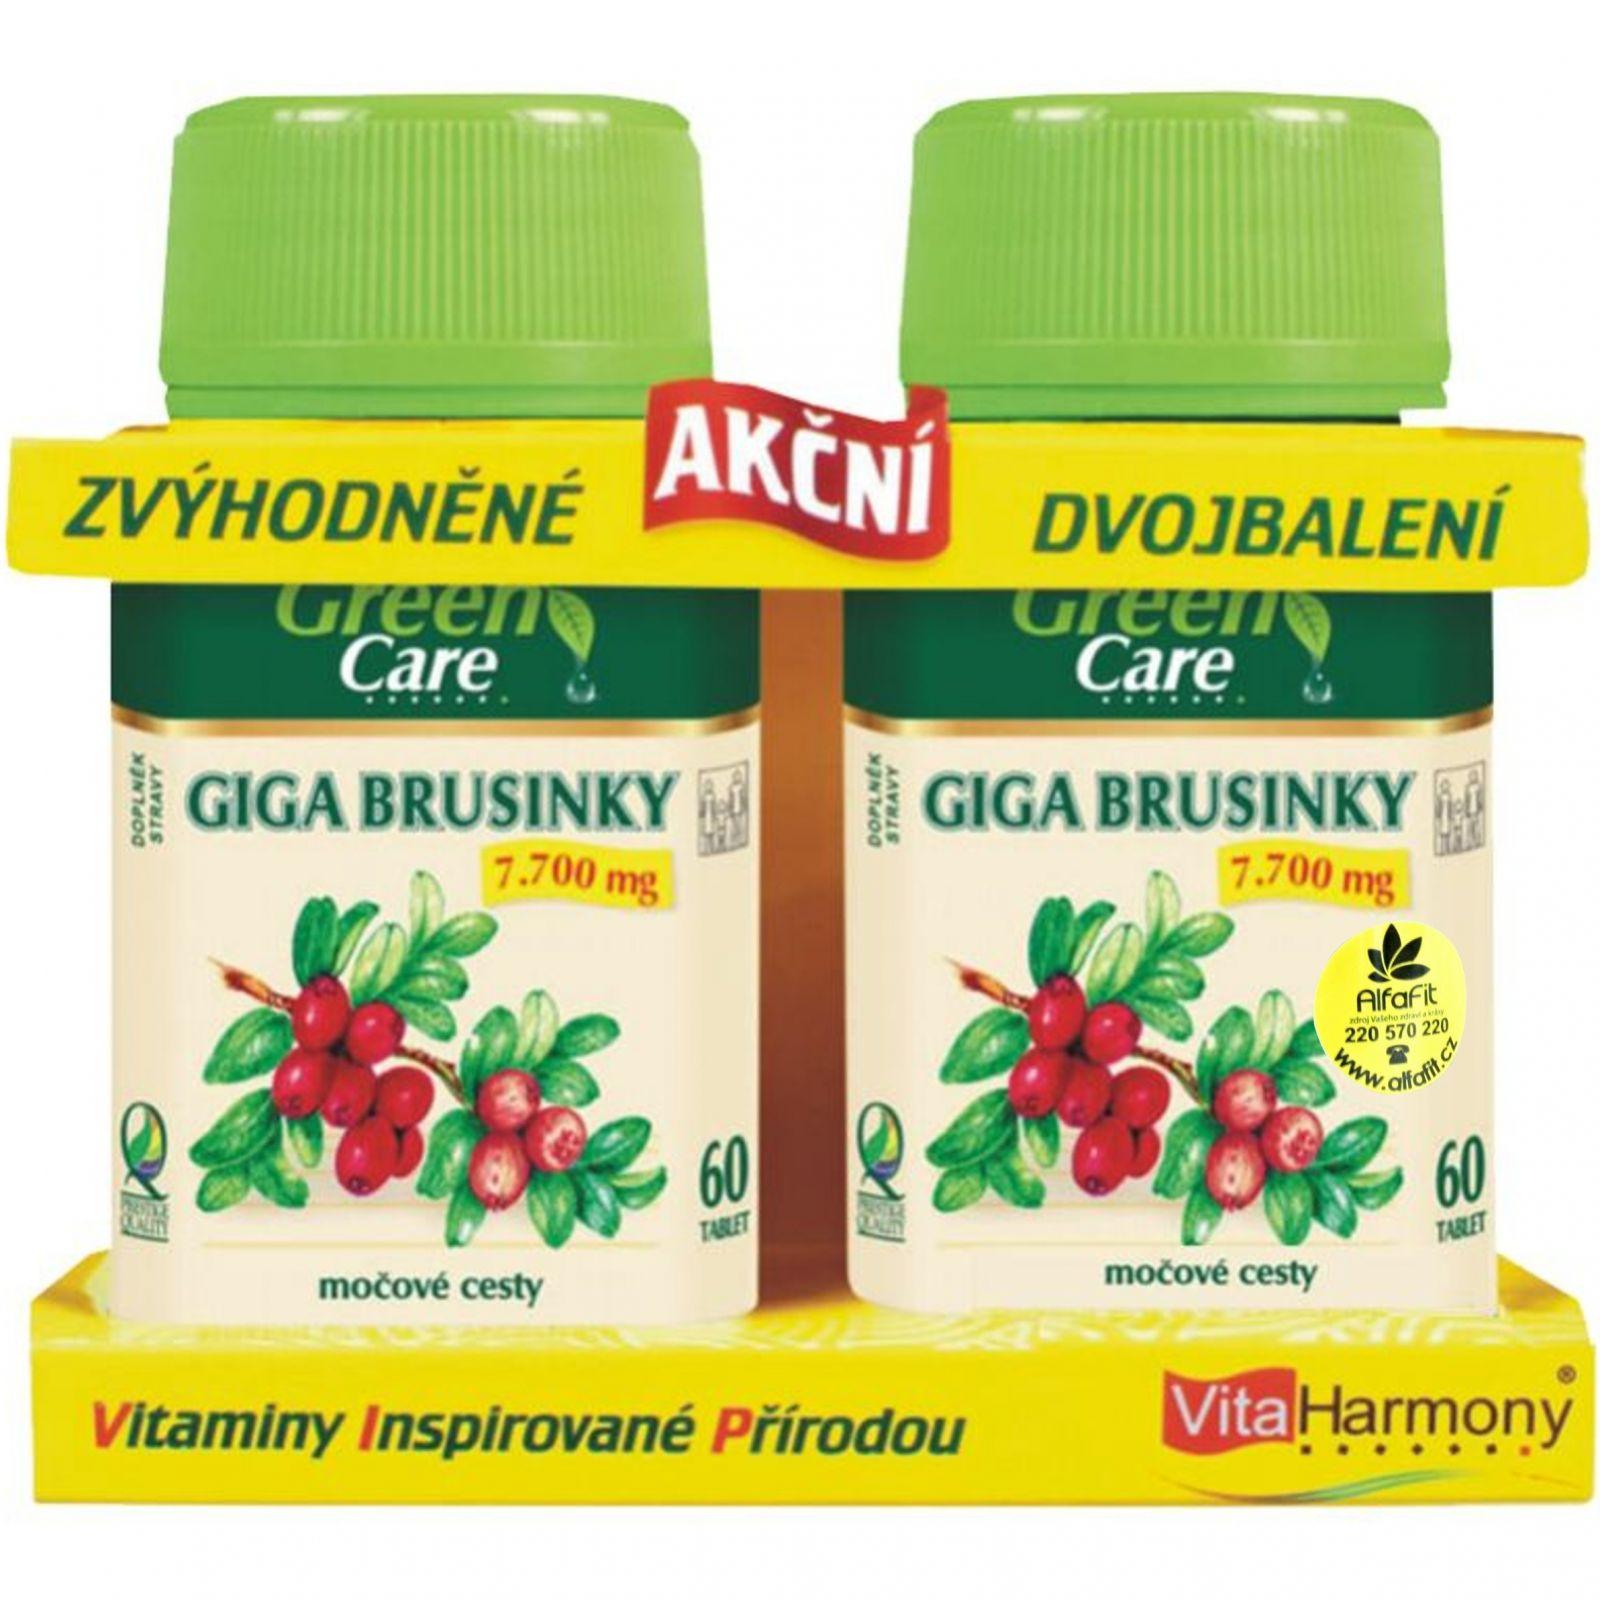 VitaHarmony Giga brusinky 7700 mg 60 + 60 tablet (zvýhodněné akční dvojbalení)